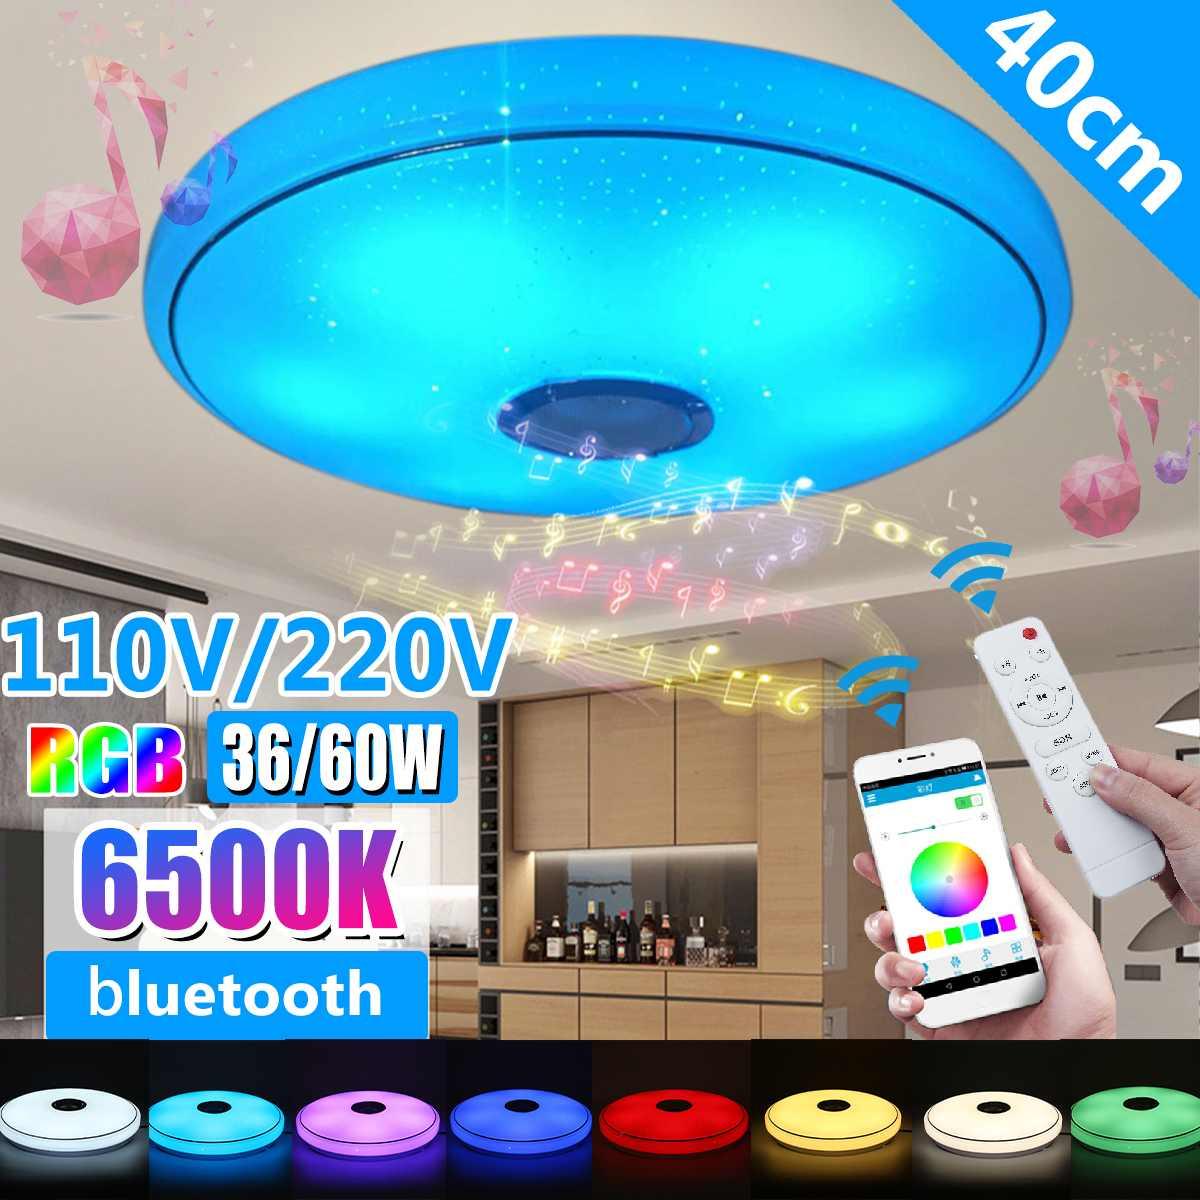 الحديث RGB LED أضواء السقف إضاءة المنزل 36 واط 60 واط APP بلوتوث موسيقى خفيفة مصابيح غرفة نوم مصباح السقف الذكية + التحكم عن بعد